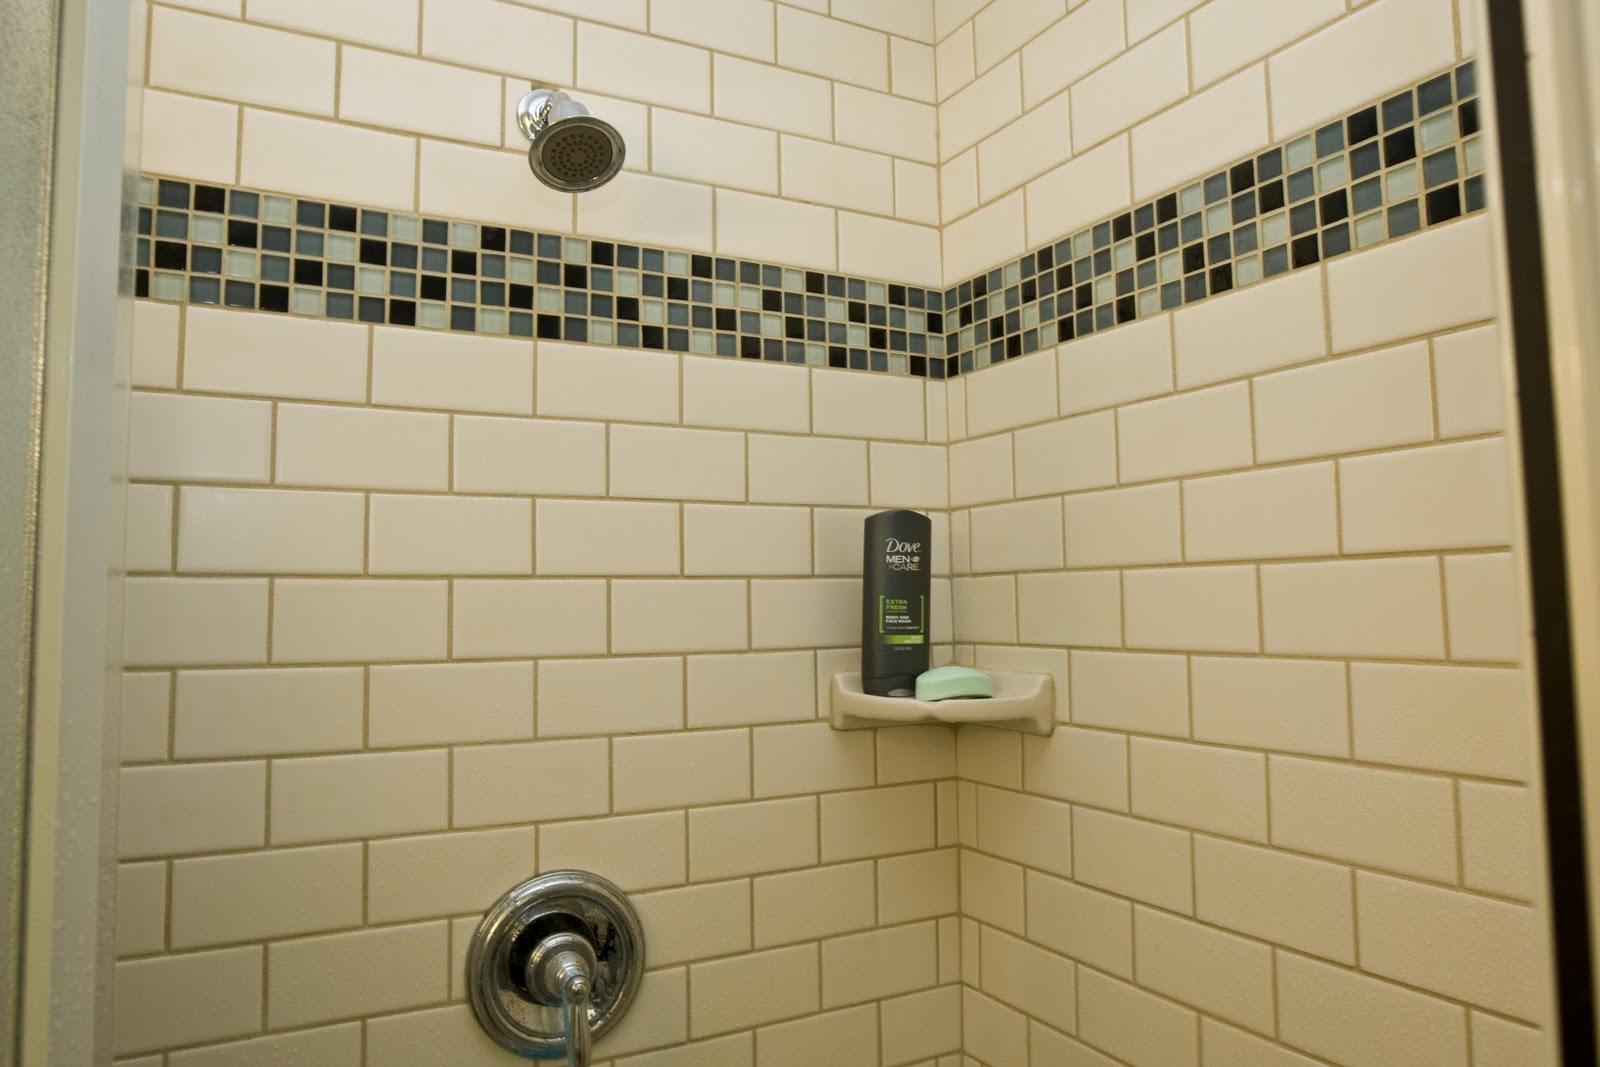 Glass Mosaic Tile Bathroom Ideas: Vermont Professional Construction & Painting LLC: VT Pro's